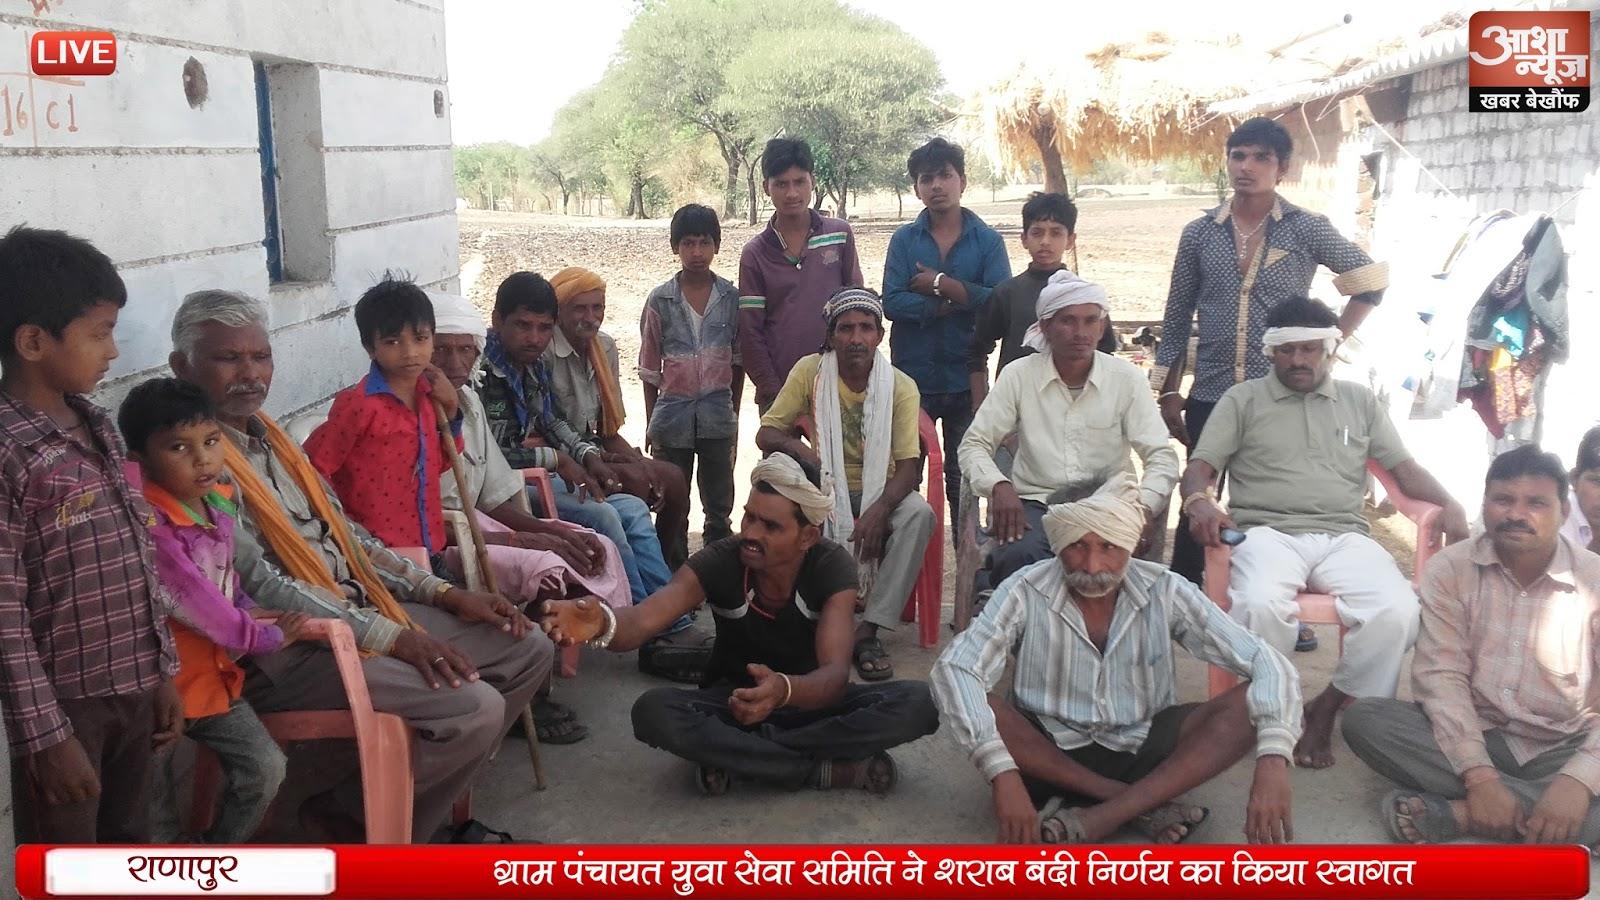 village-Youth-Service-Committee-welcome-wine-closure-decision-ranapur-ग्राम पंचायत युवा सेवा समिति ने शराब बंदी निर्णय का किया स्वागत